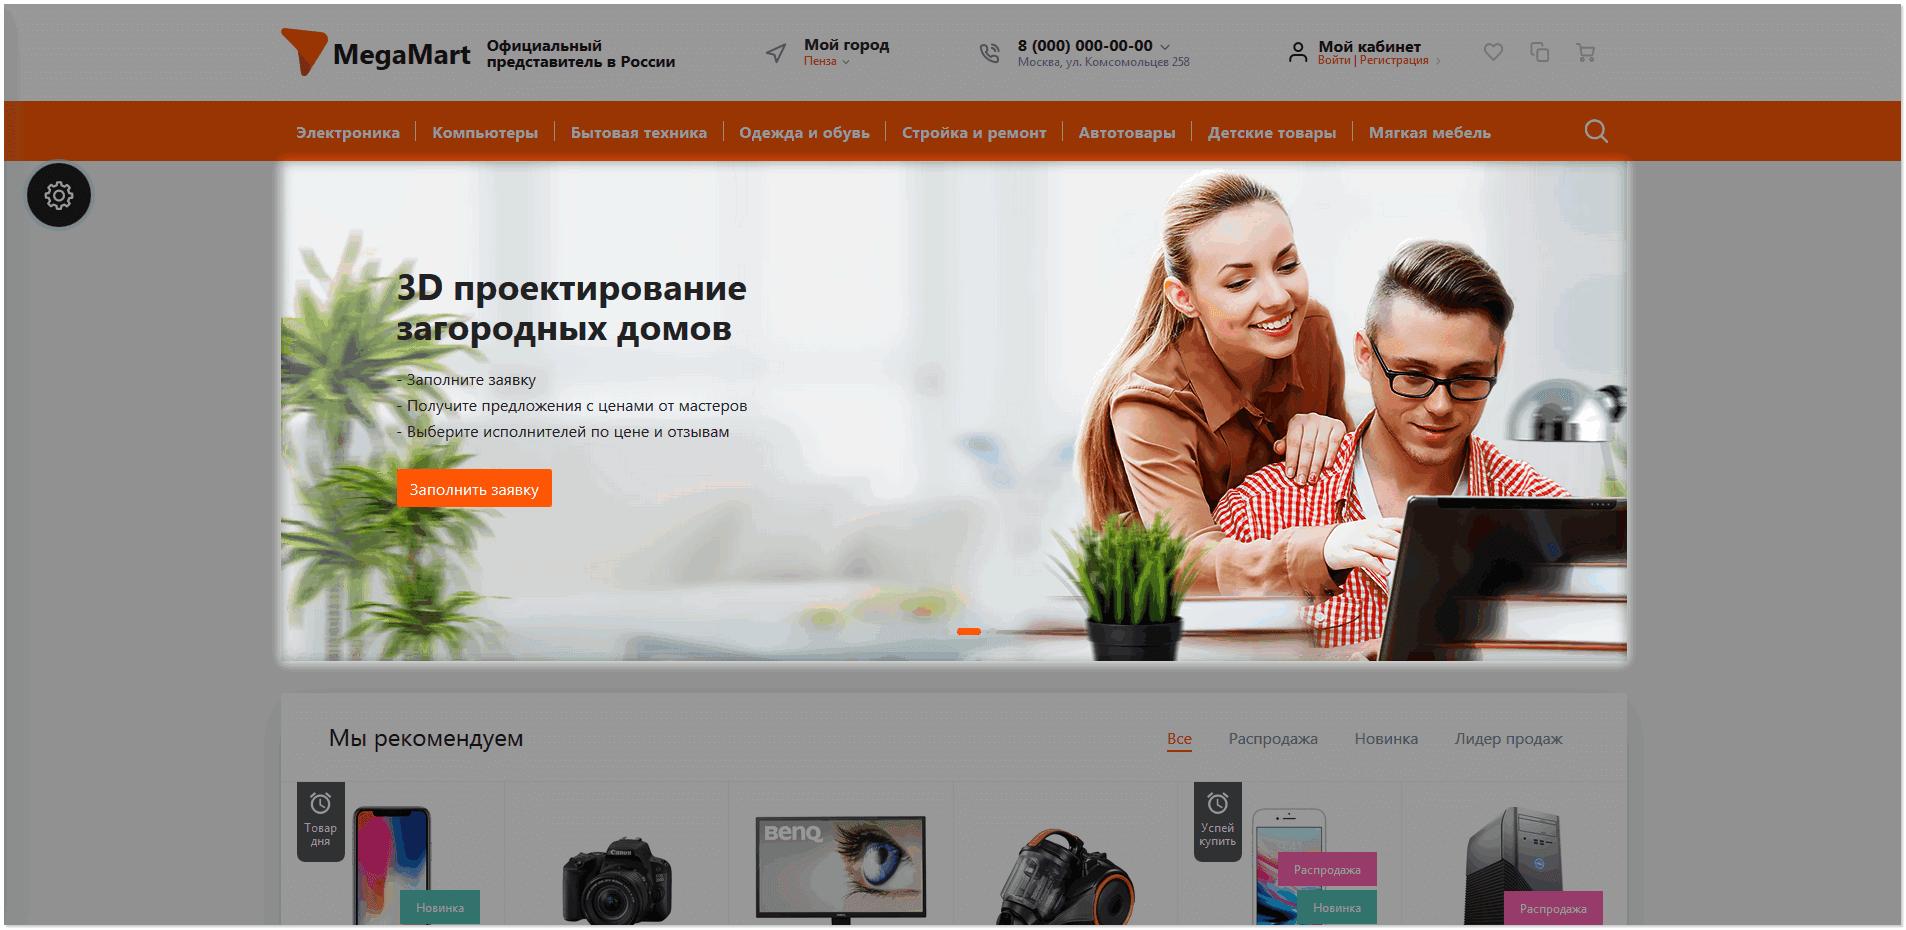 Сайт для ссылок на фото